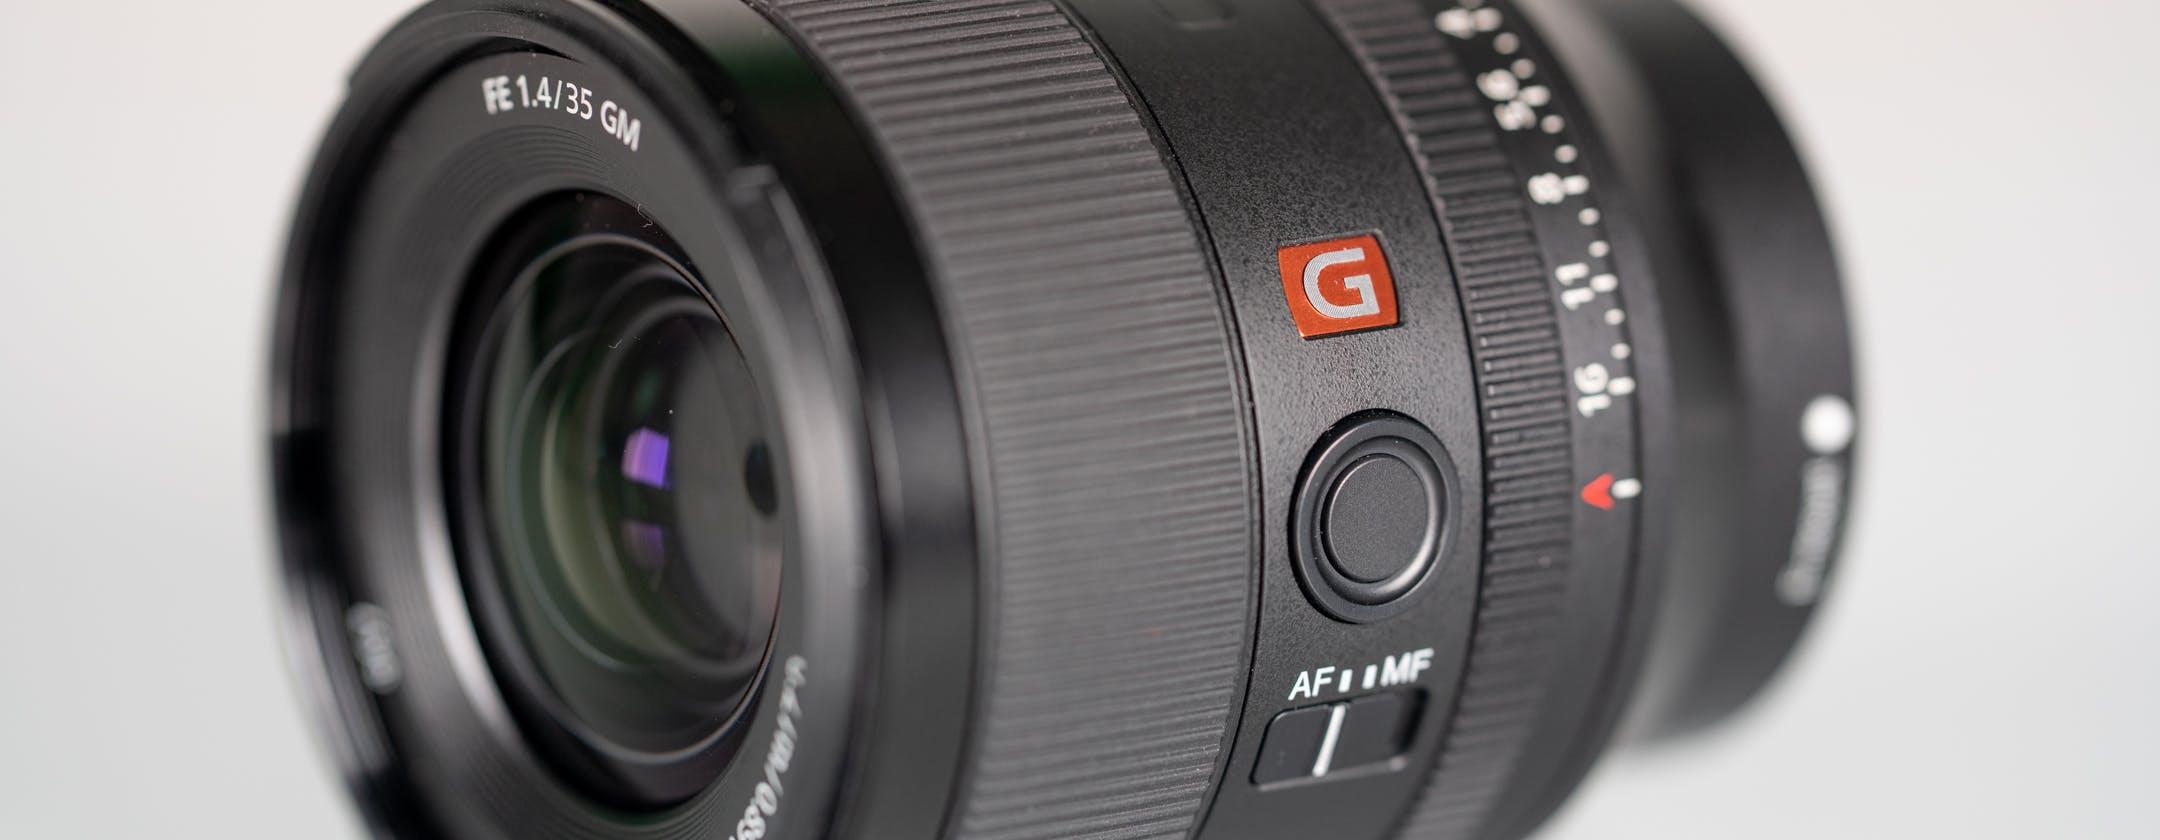 Test della nuova ottica Sony 35mm F1.4 GM: nitidezza e geometria da paura in mezzo chilo